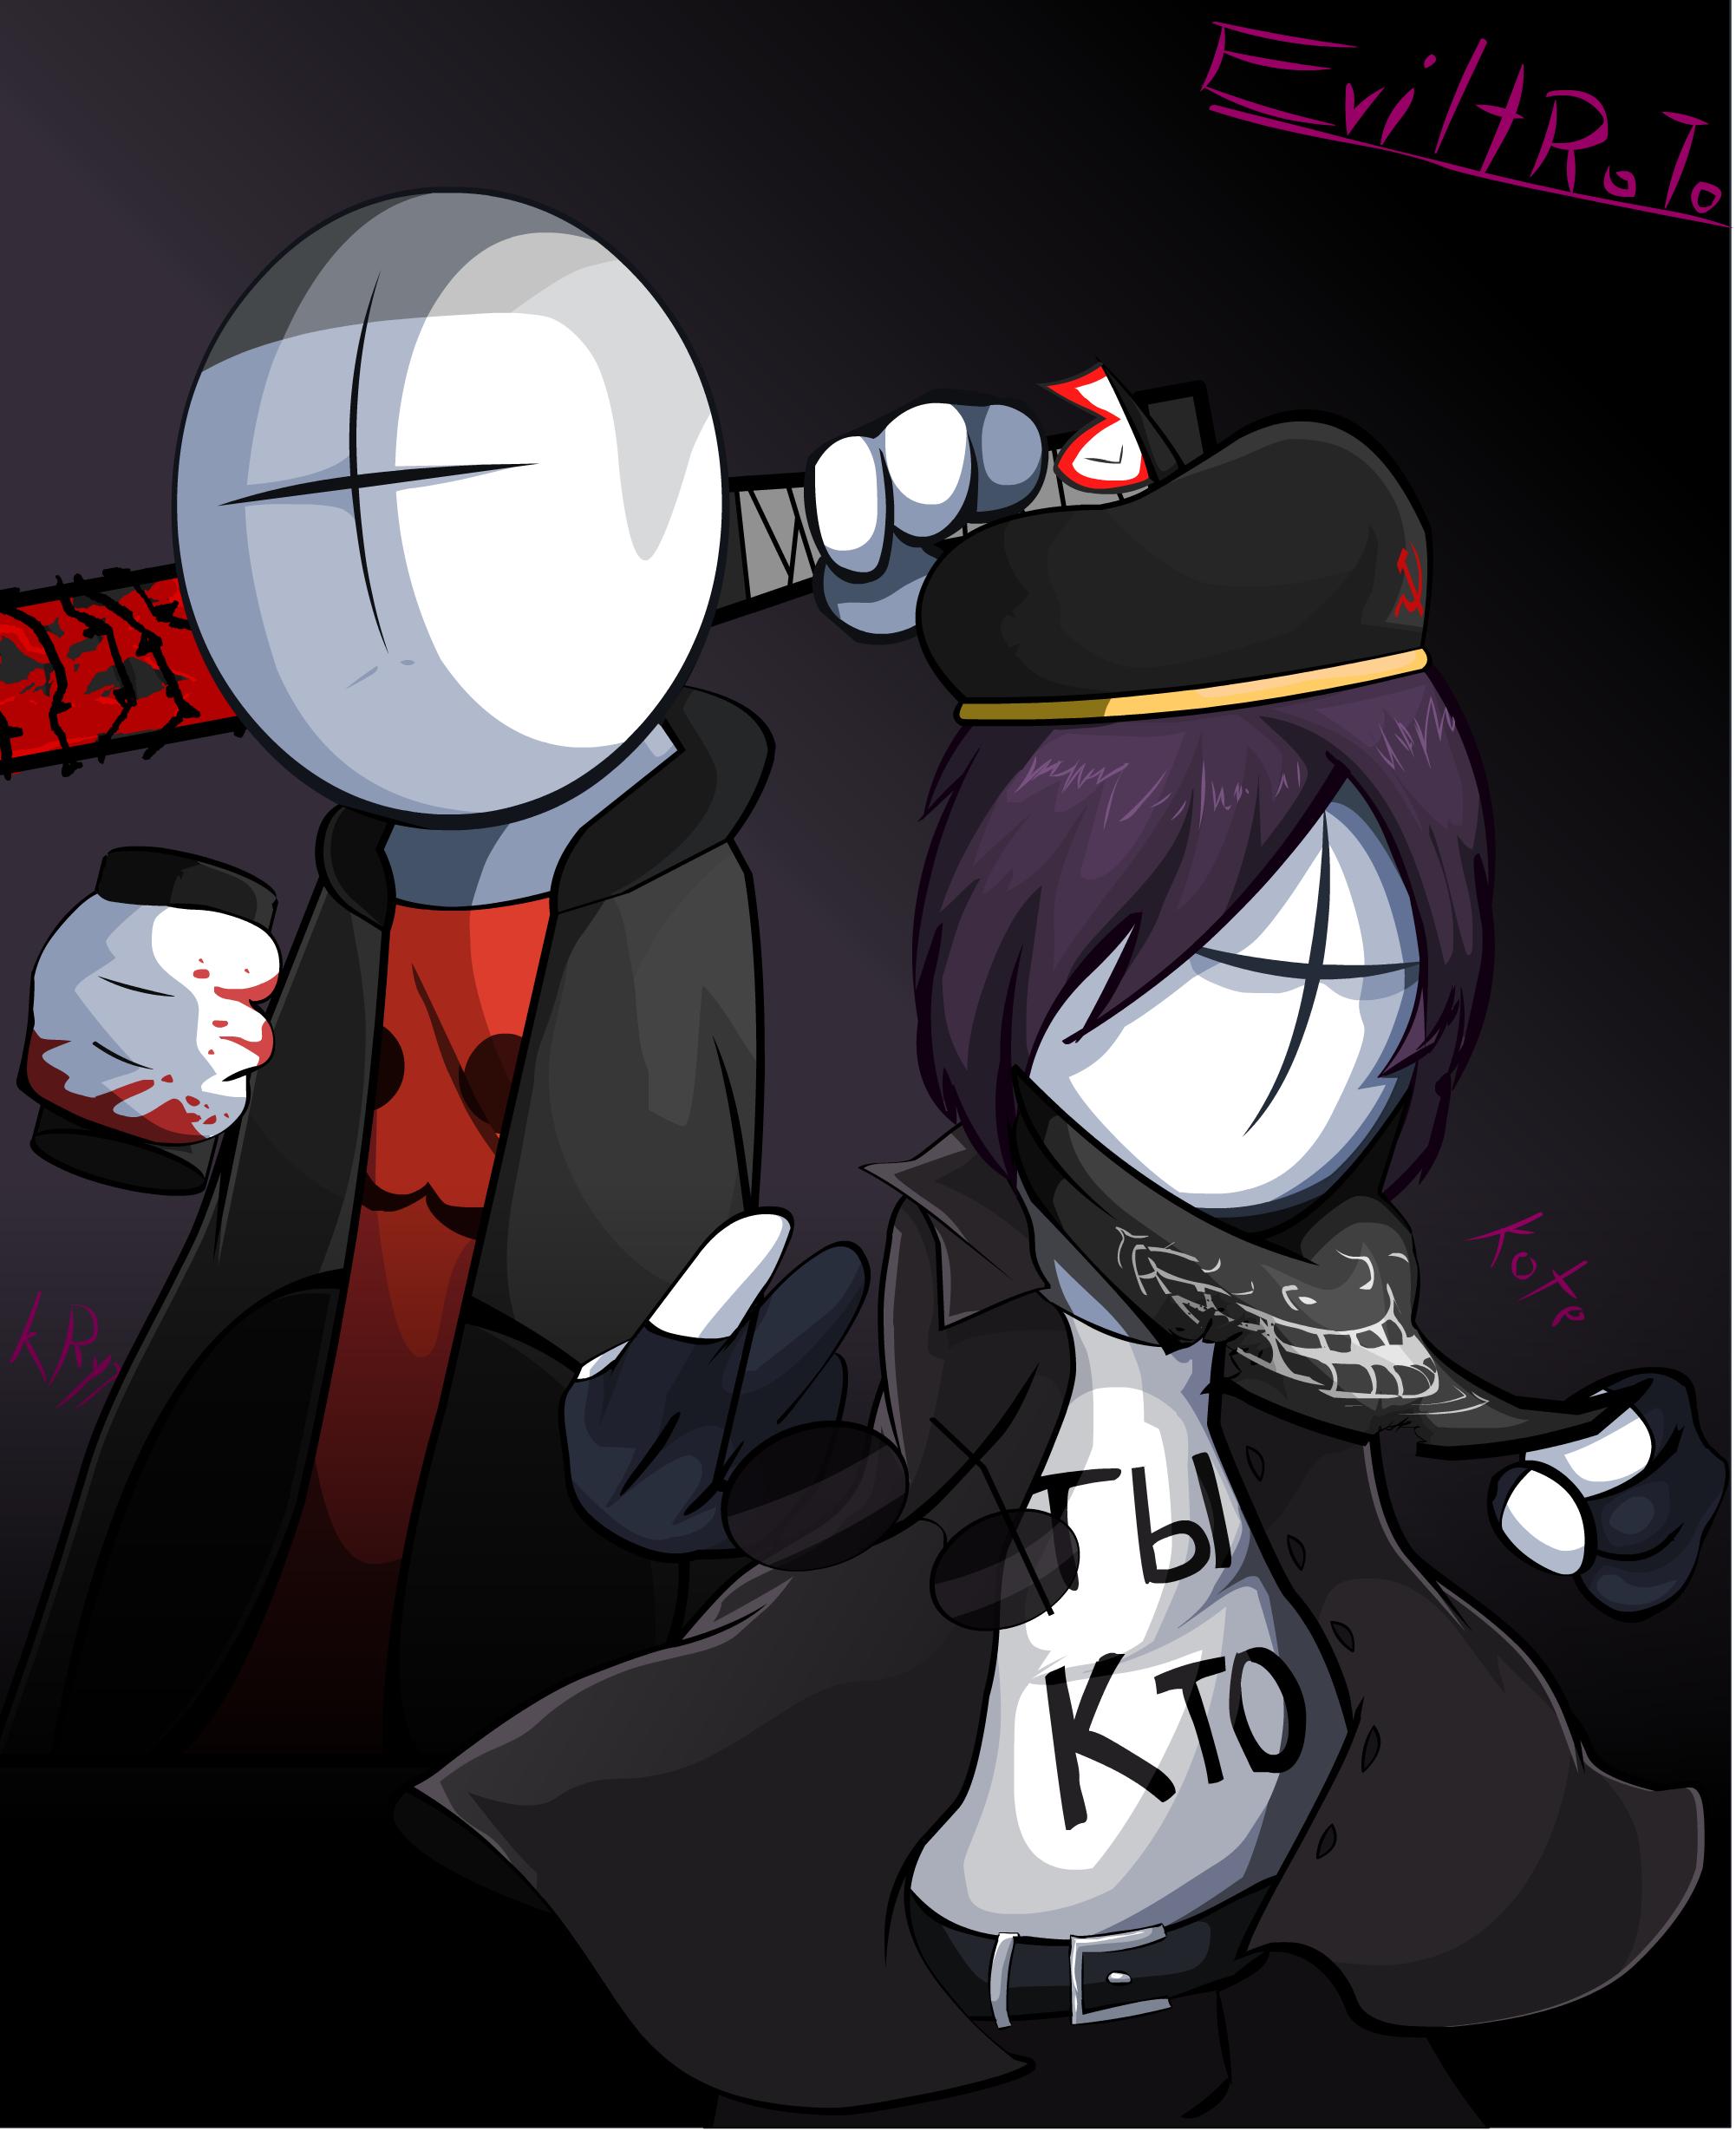 KRyy and Kote